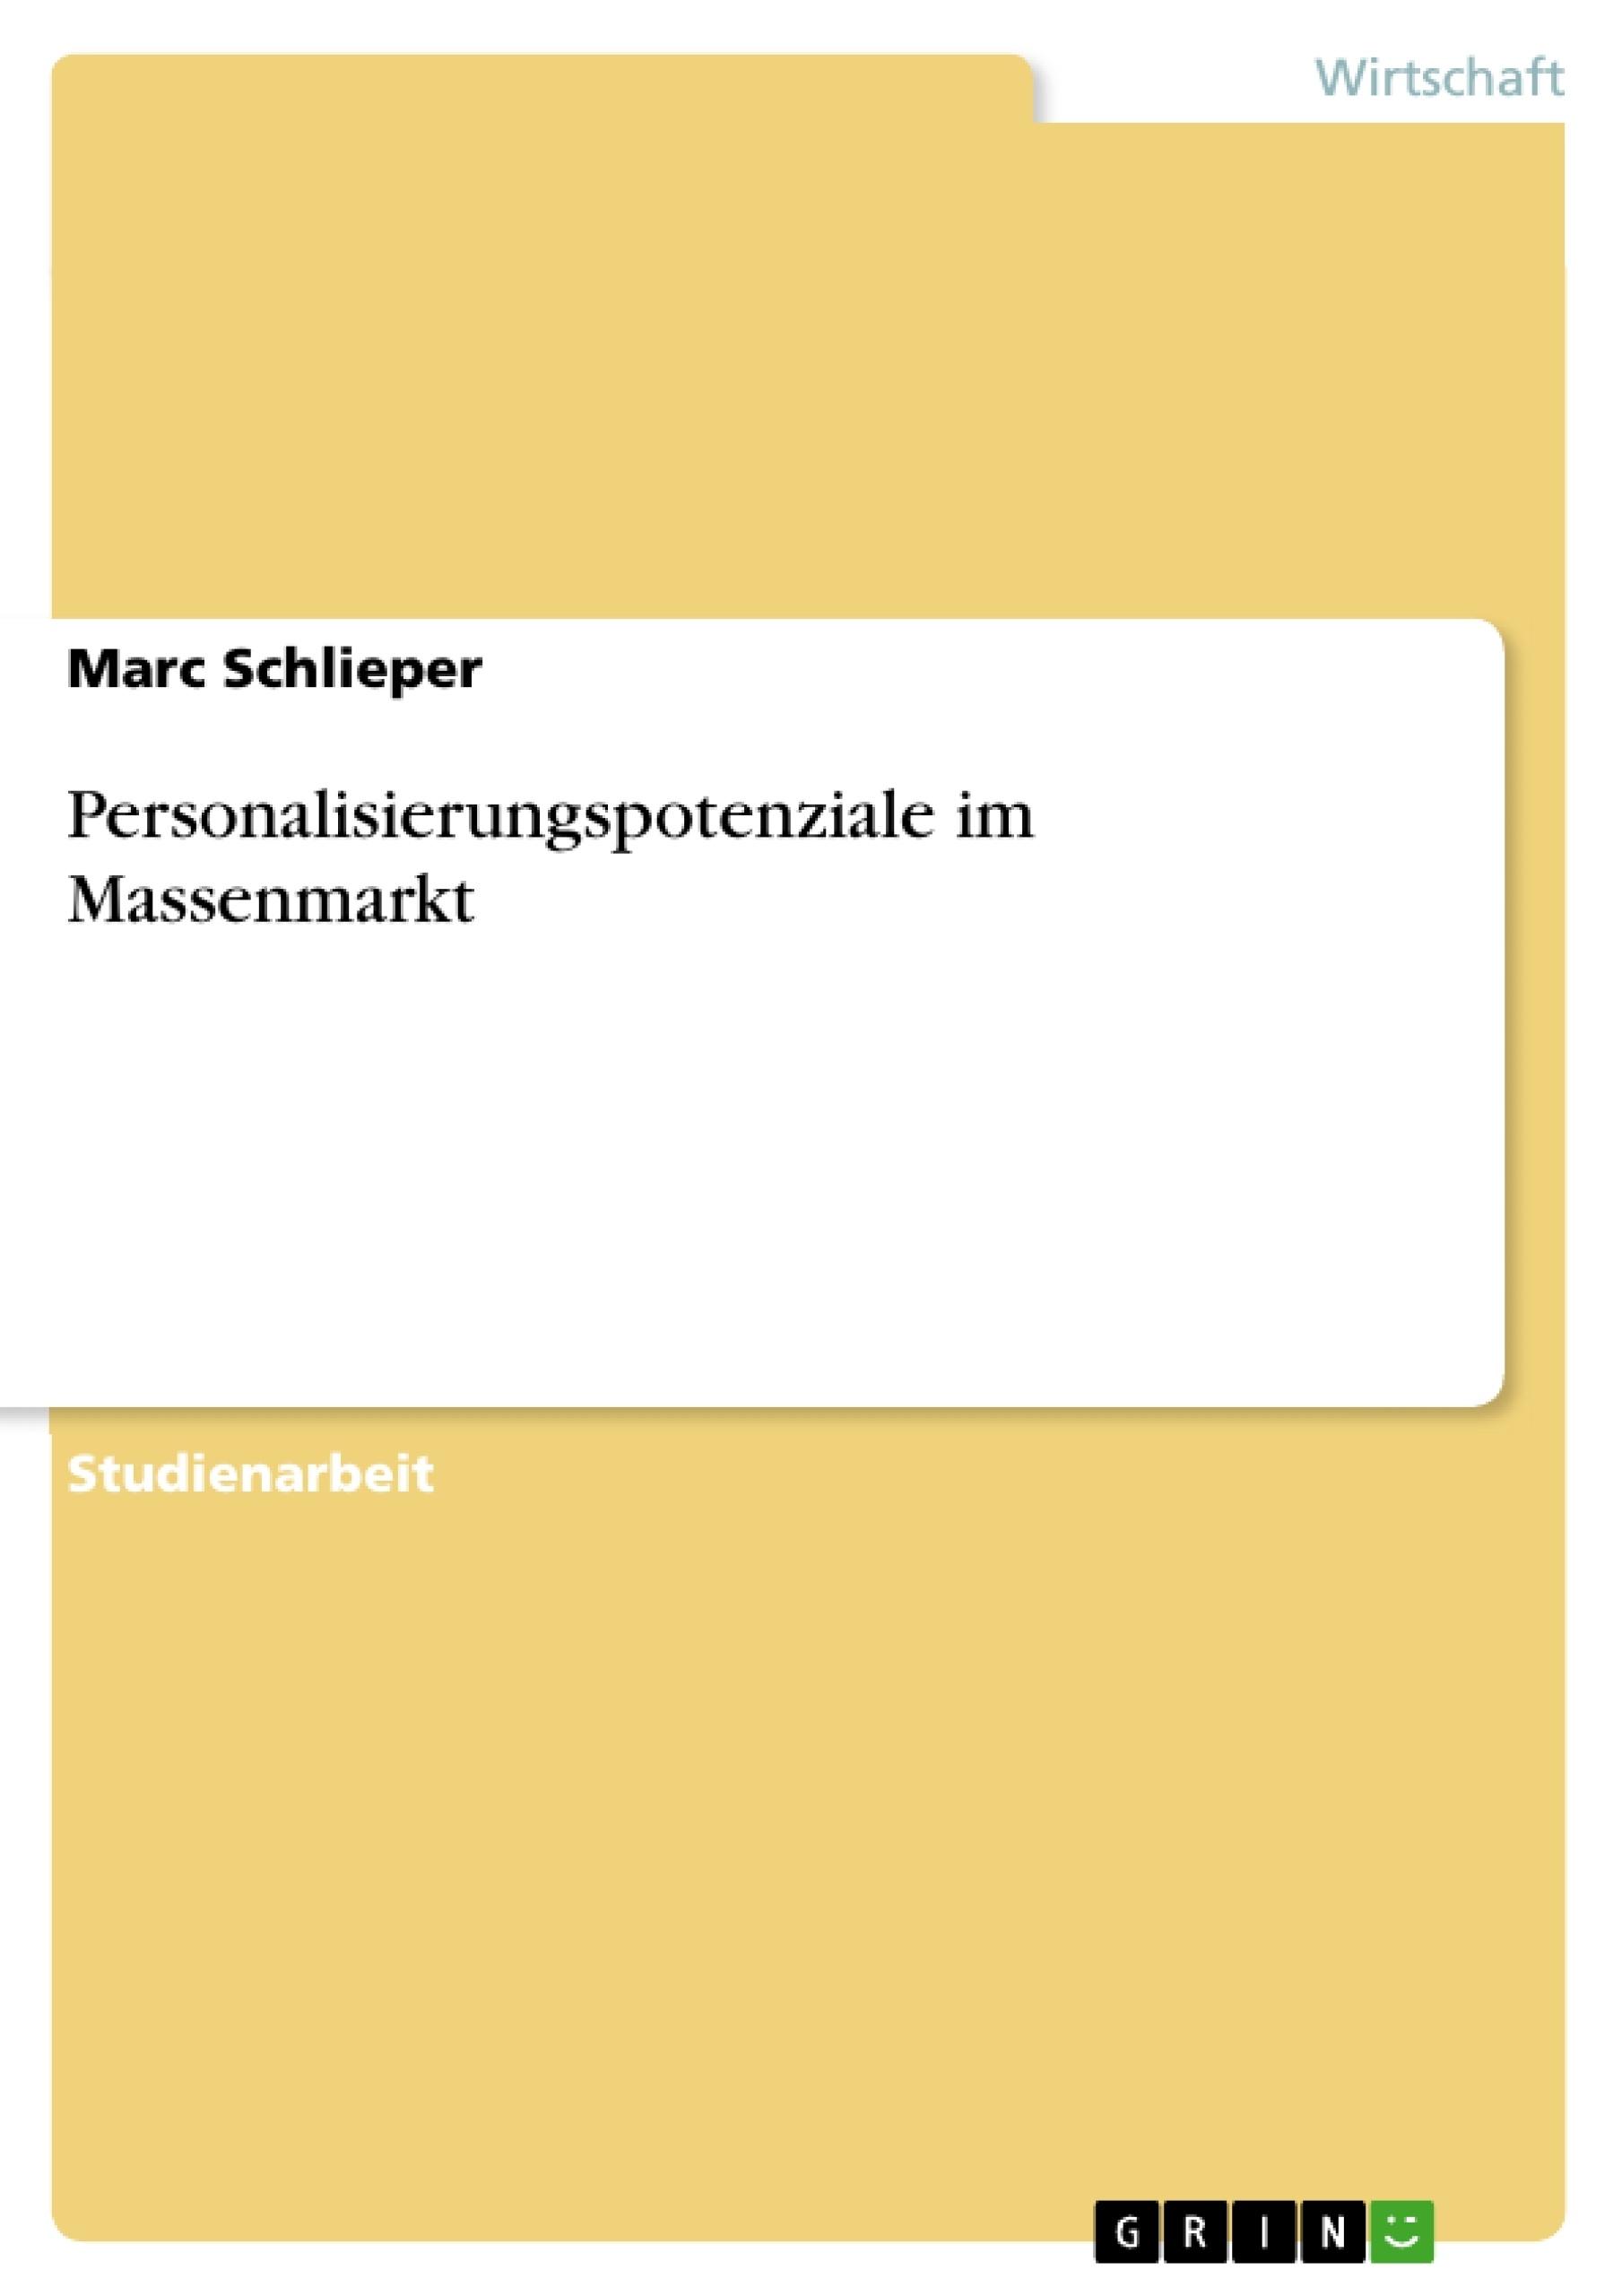 Titel: Personalisierungspotenziale im Massenmarkt